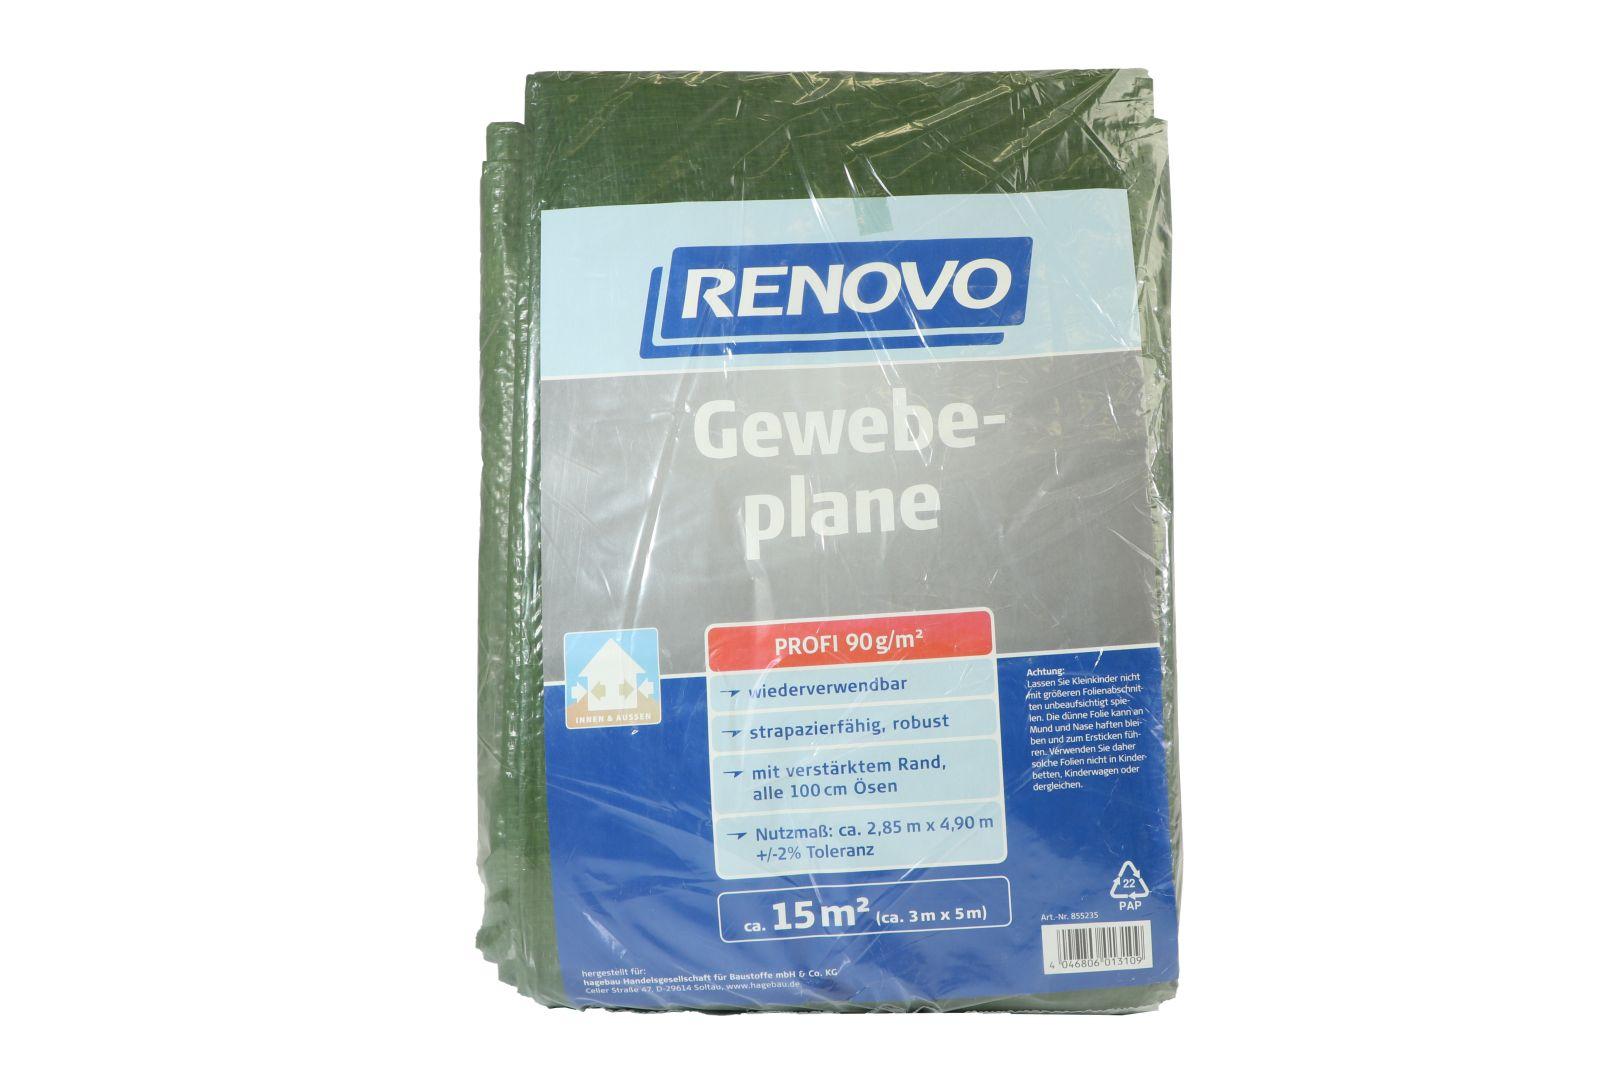 RENOVO Gewebeplane Profi, grün, mit Ösen, 5 x 3 m